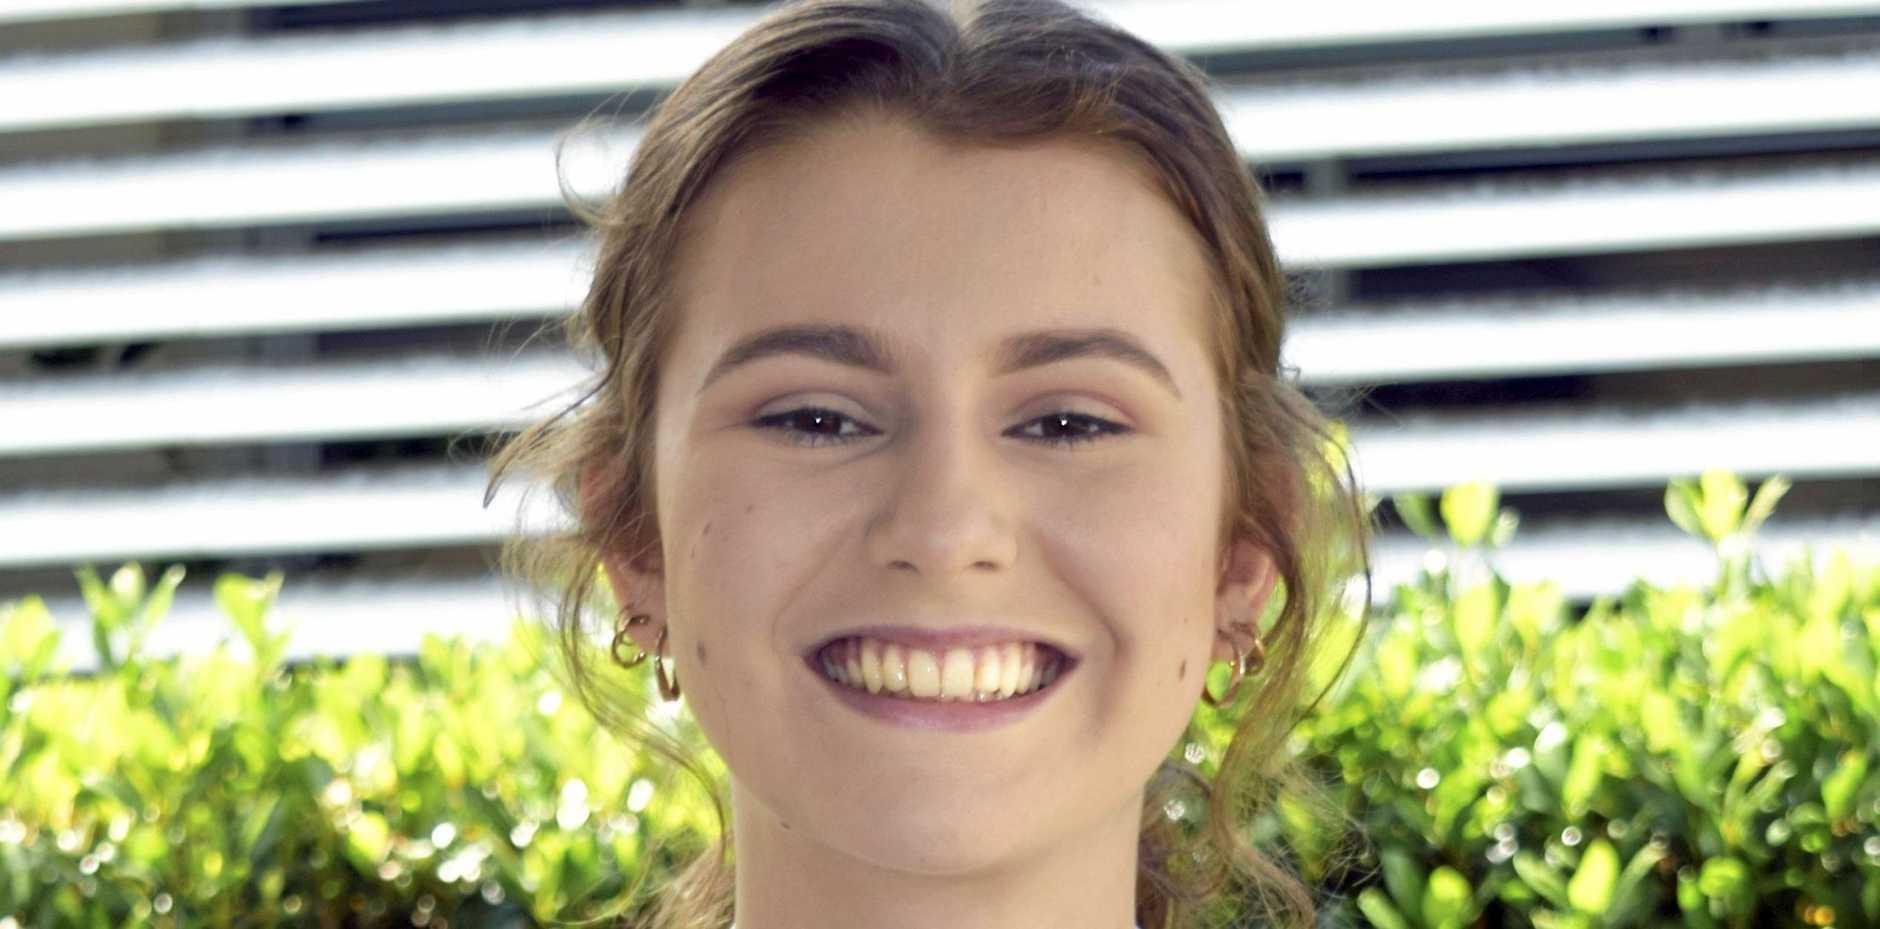 Natalie Phelan